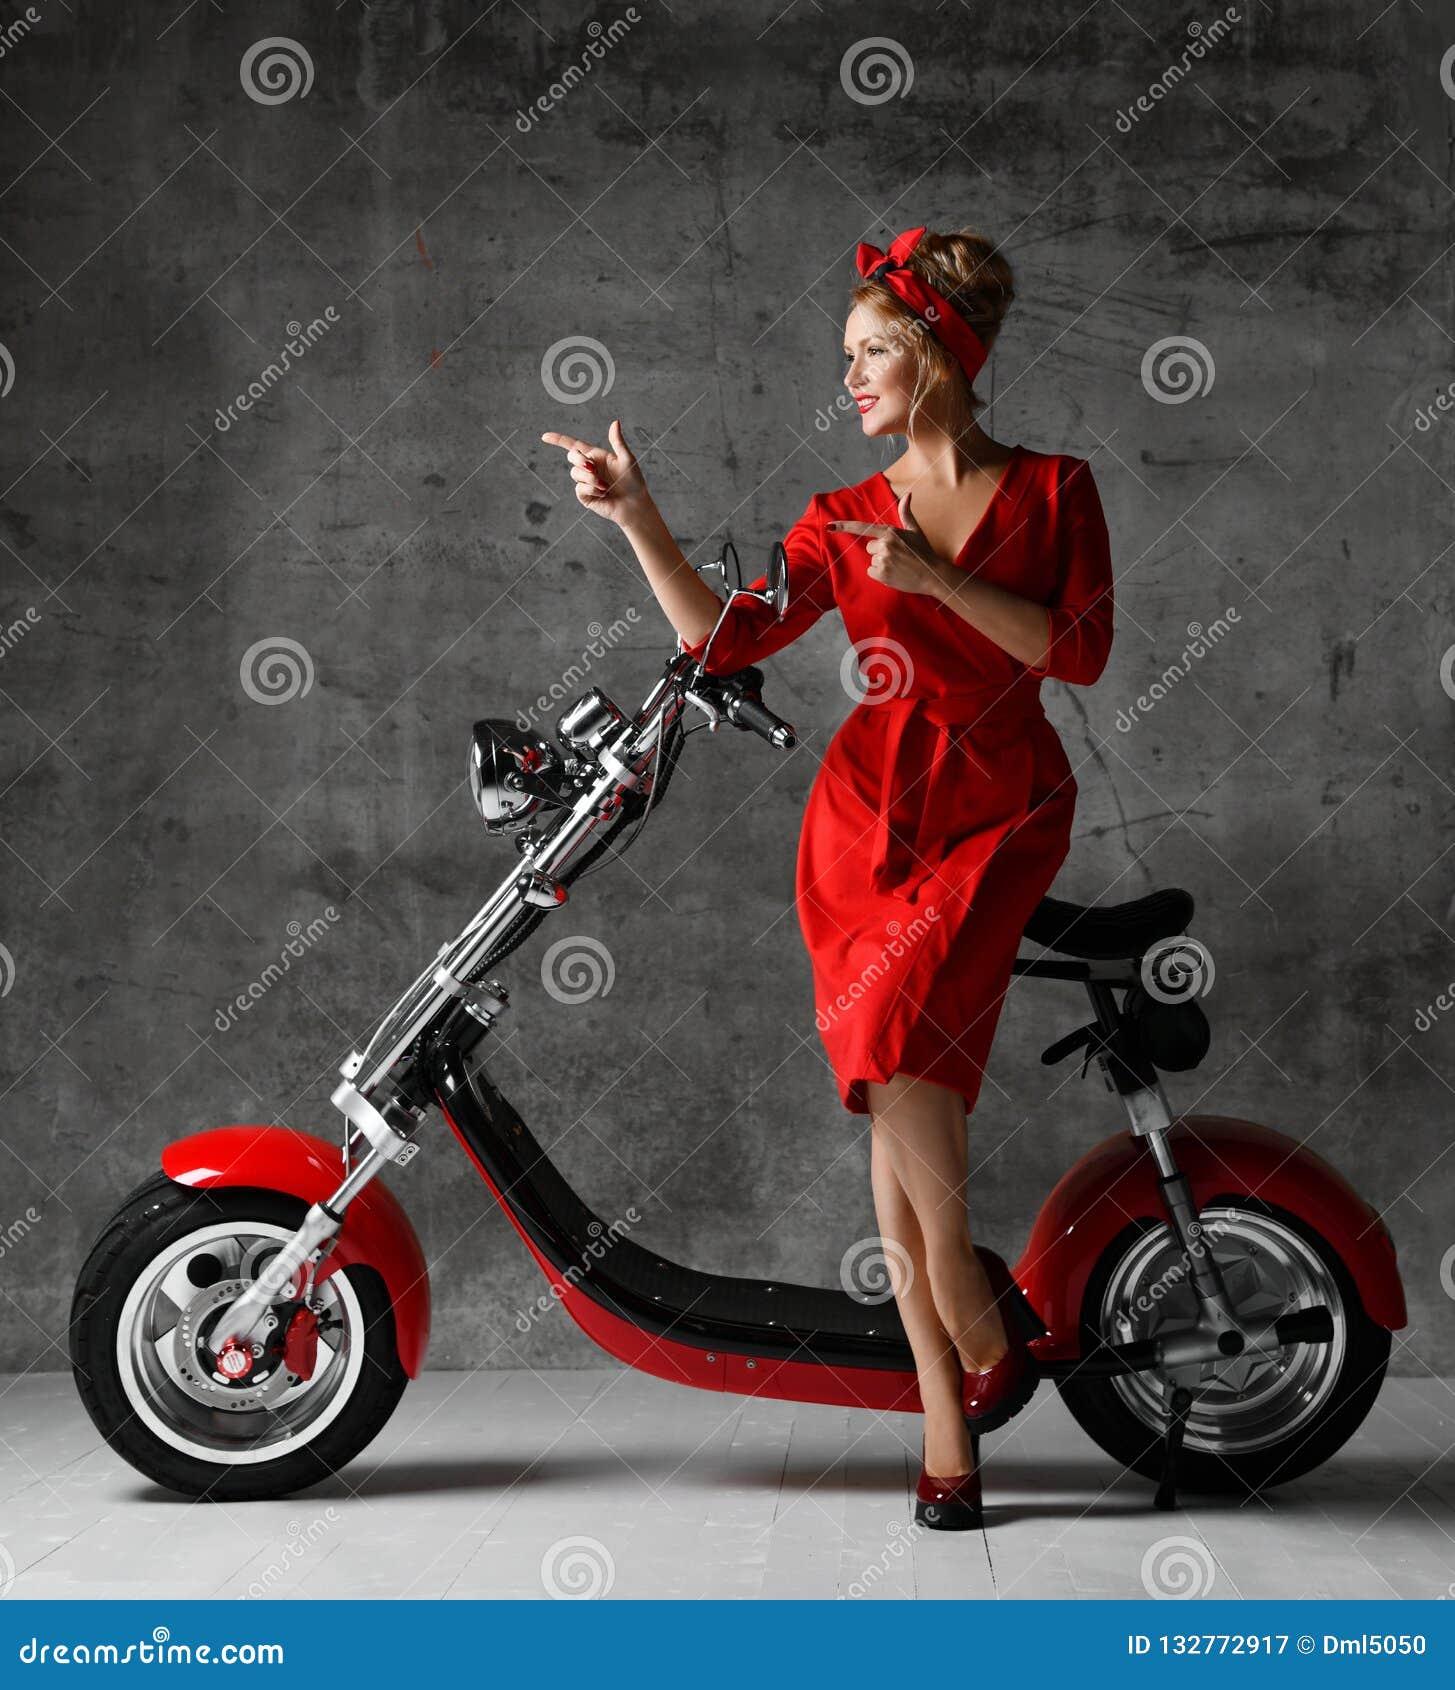 Kobiety przejażdżka siedzi na motocykl hulajnogi rowerowego pinup retro stylu wskazuje palec czerwieni roześmianą uśmiechniętą su